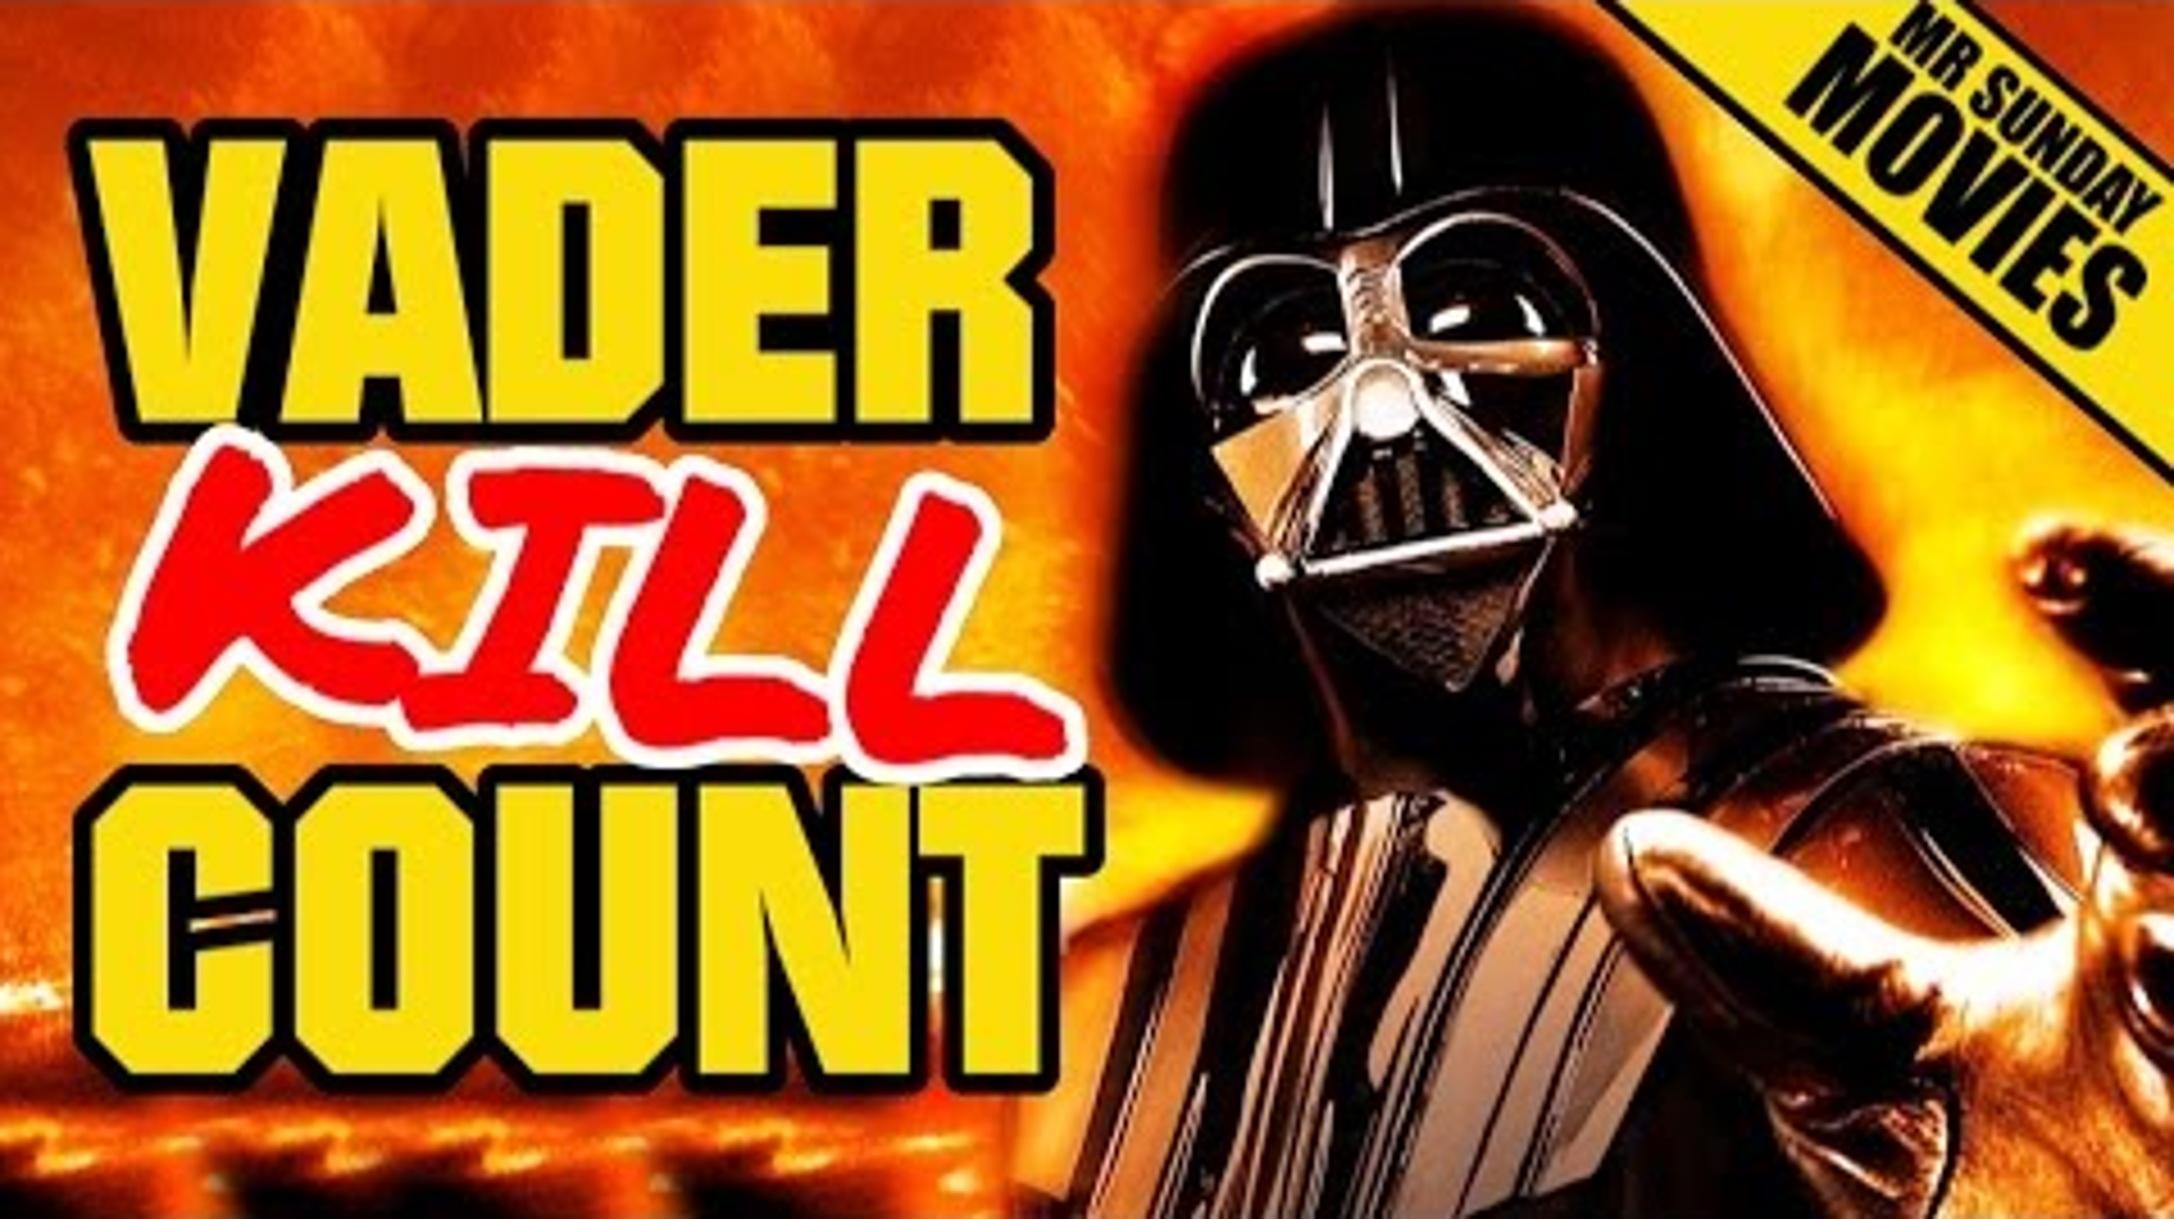 Vader Kill Count